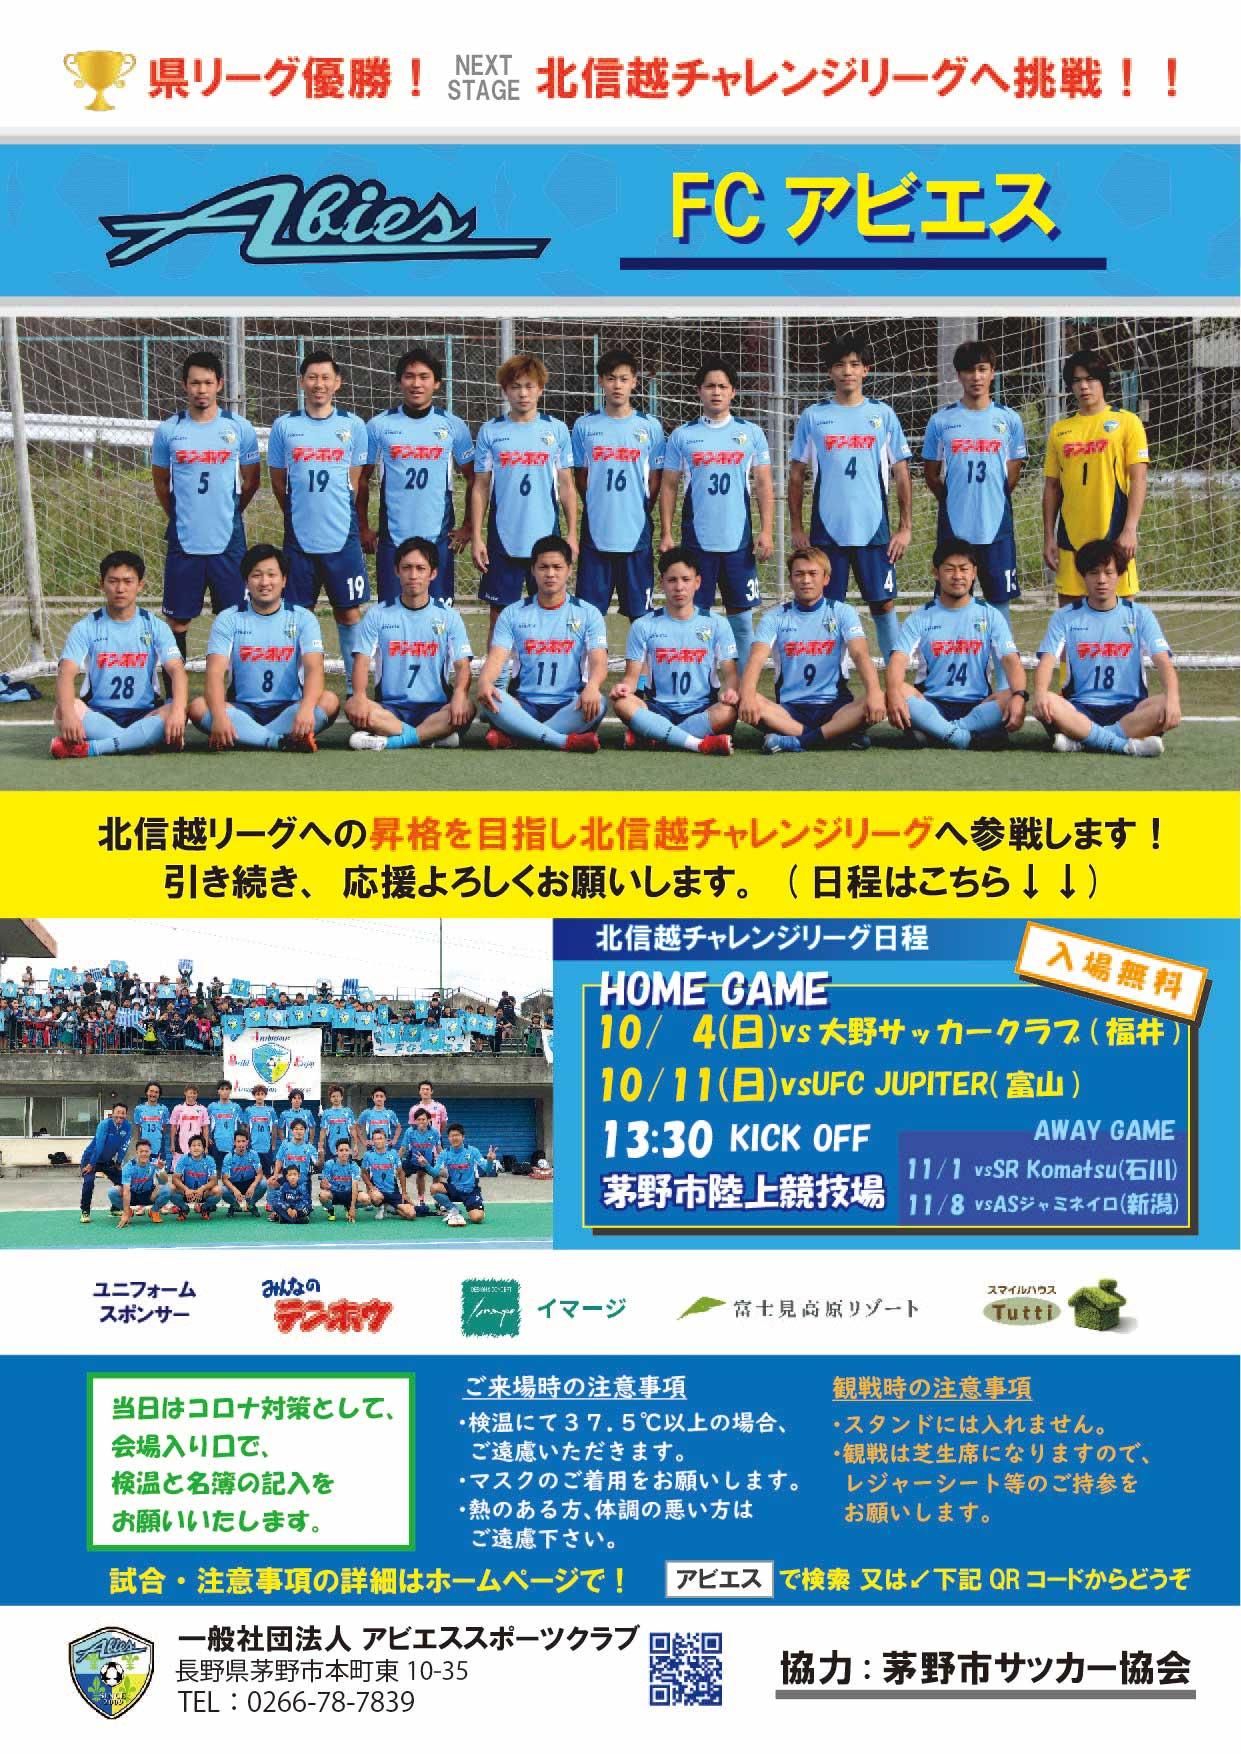 FCアビエス北信越チャレンジリーグ2020ポスター